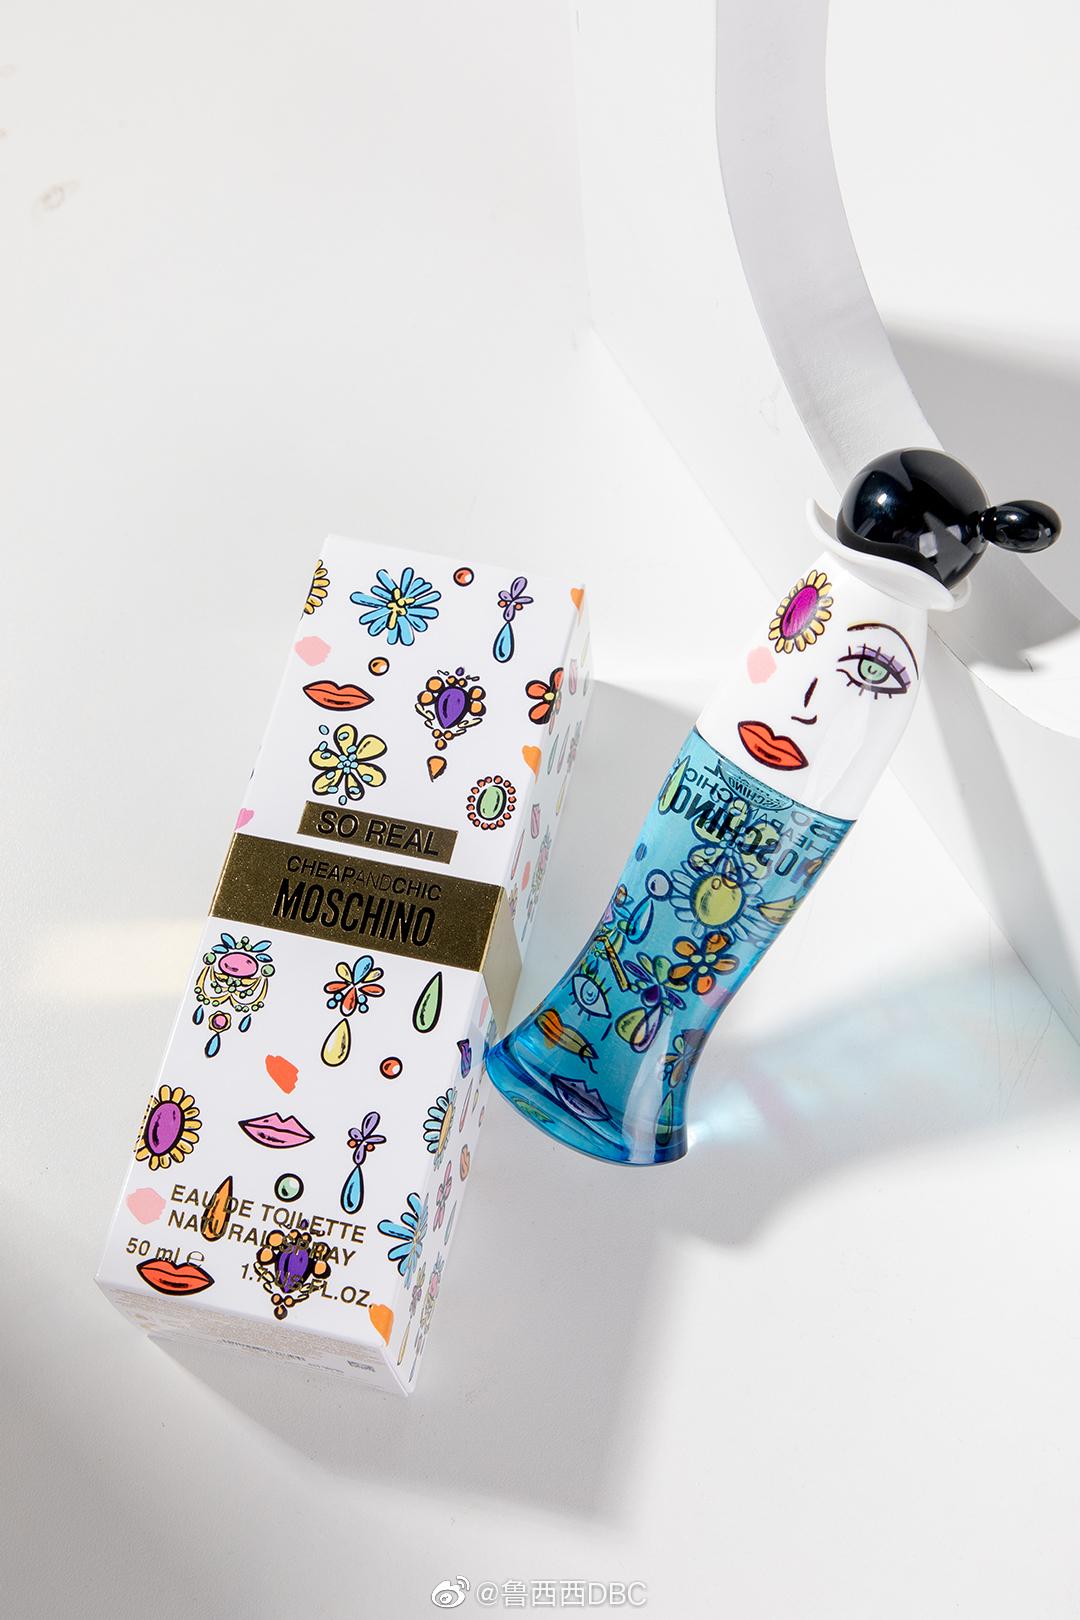 香水推荐 MOSCHINO so real纯真女士淡香水 这瓶香水香味就像包装